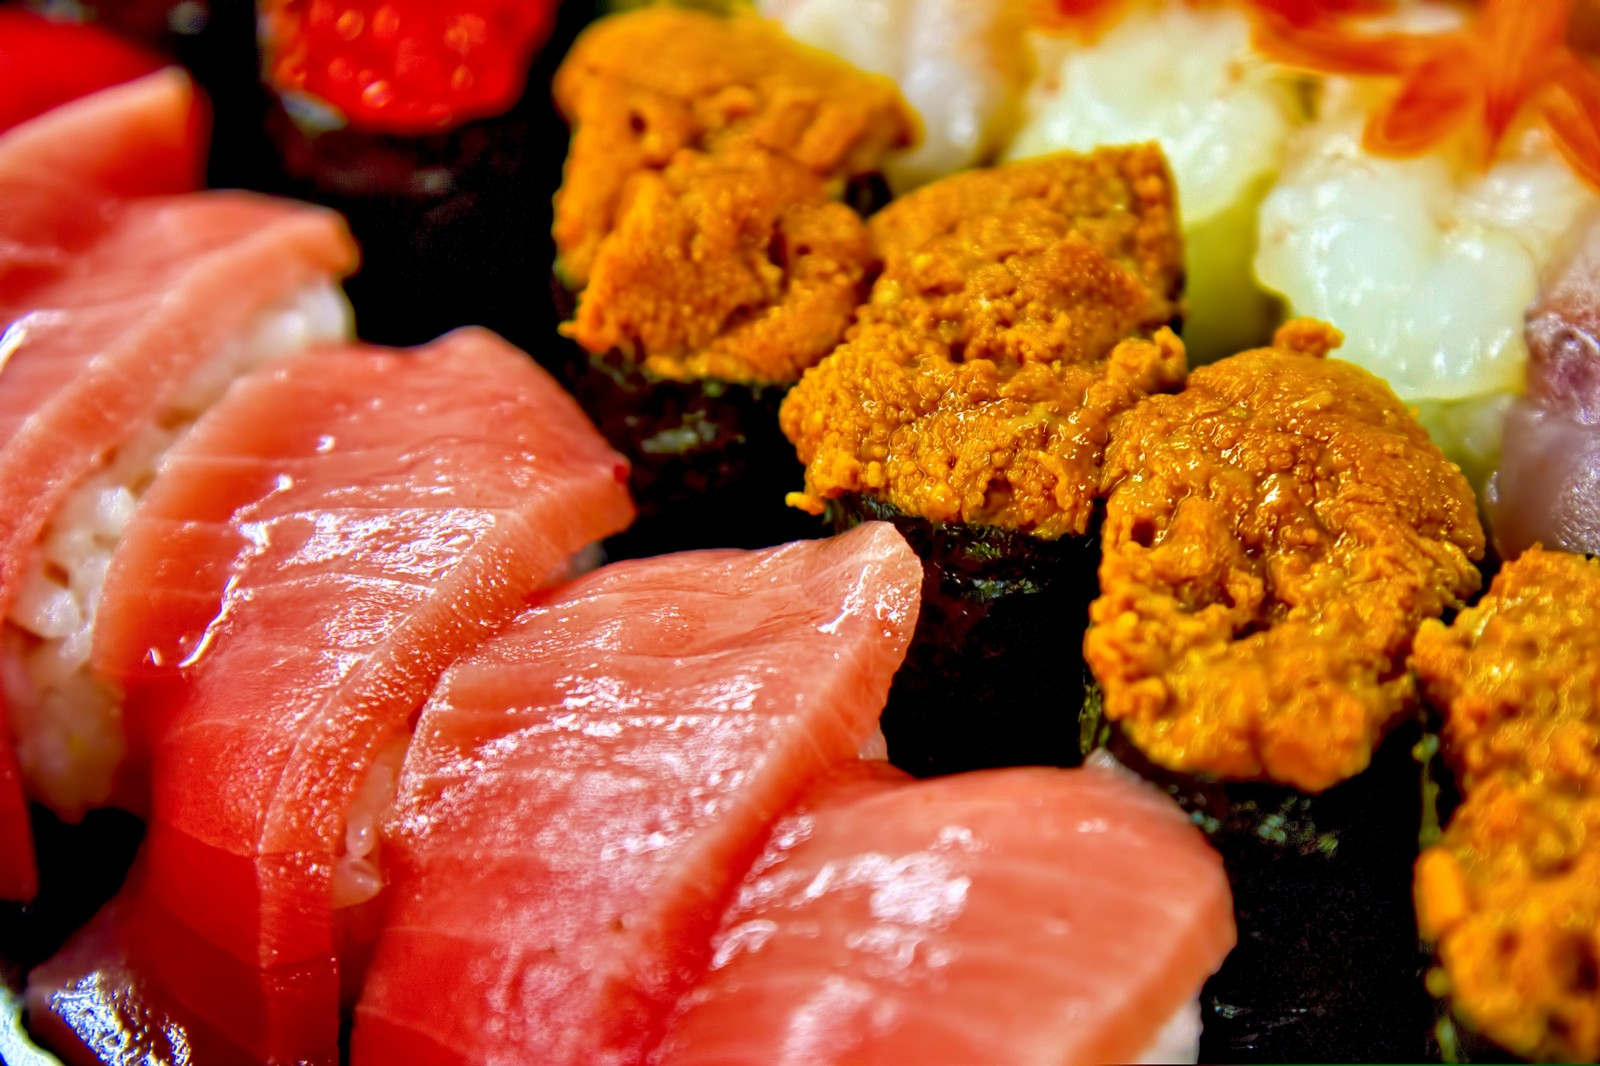 「うにとトロのお寿司うにとトロのお寿司」のフリー写真素材を拡大